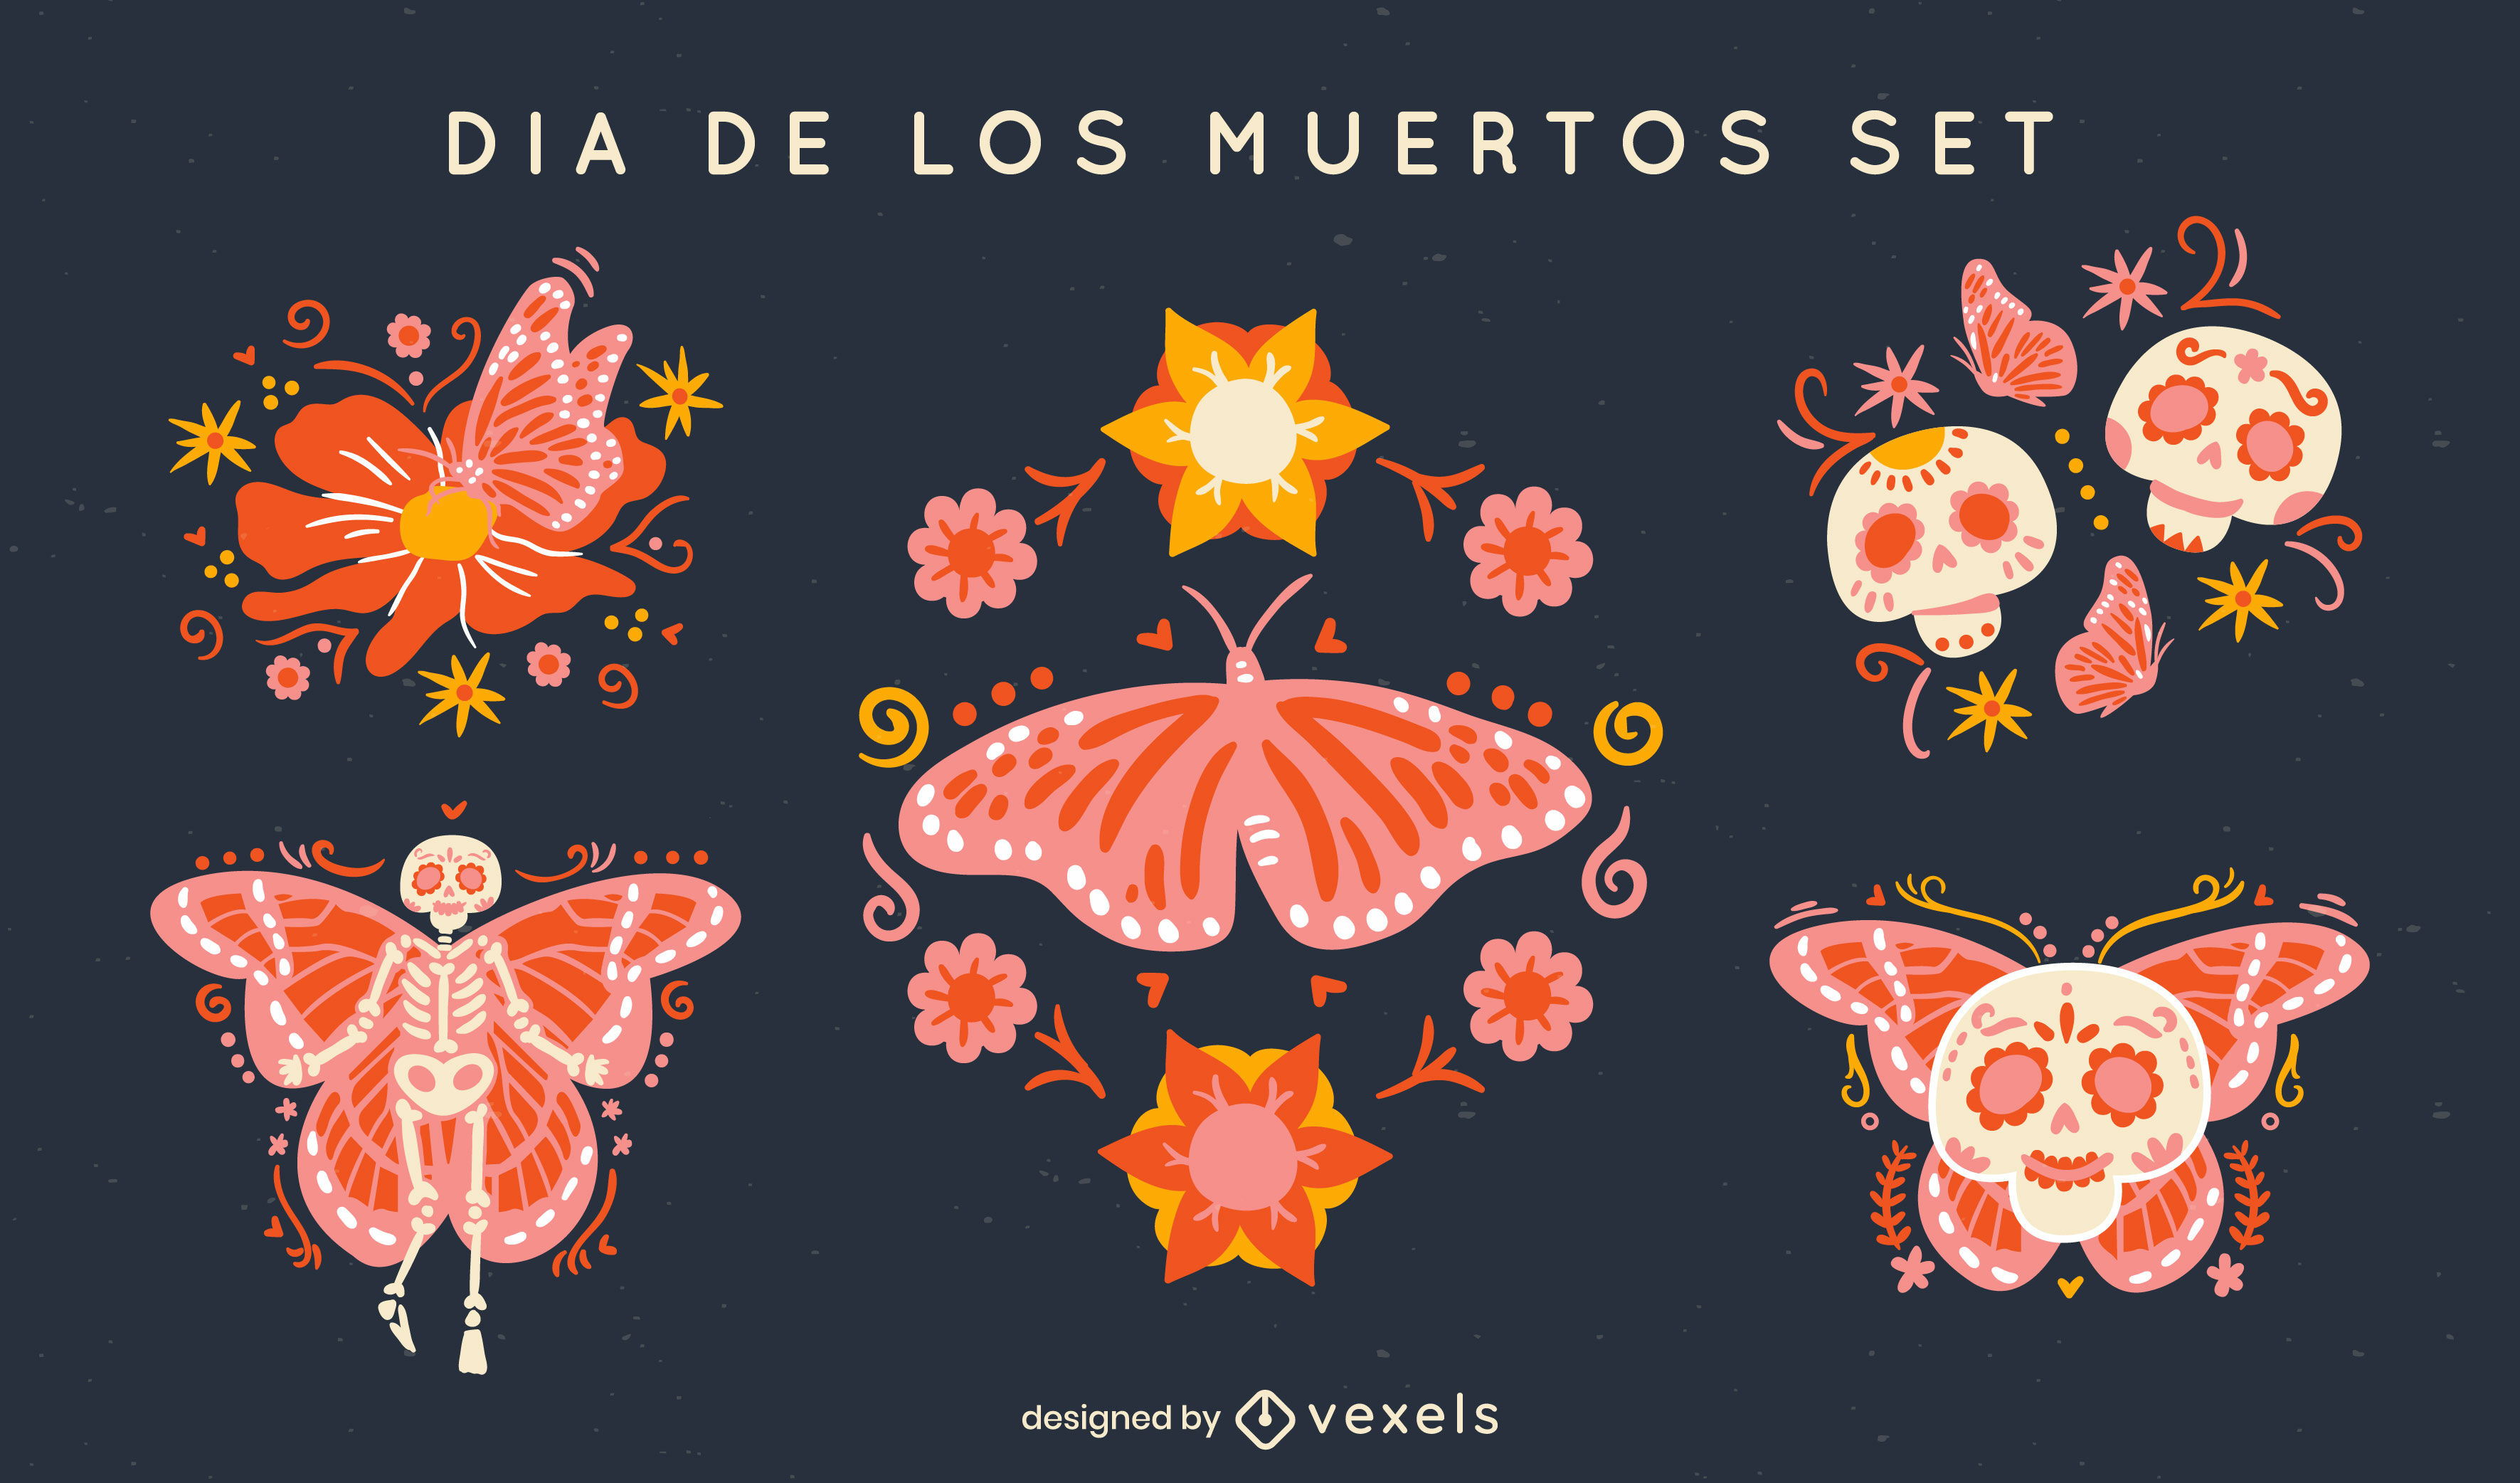 Conjunto de mariposas navideñas del día de los muertos.